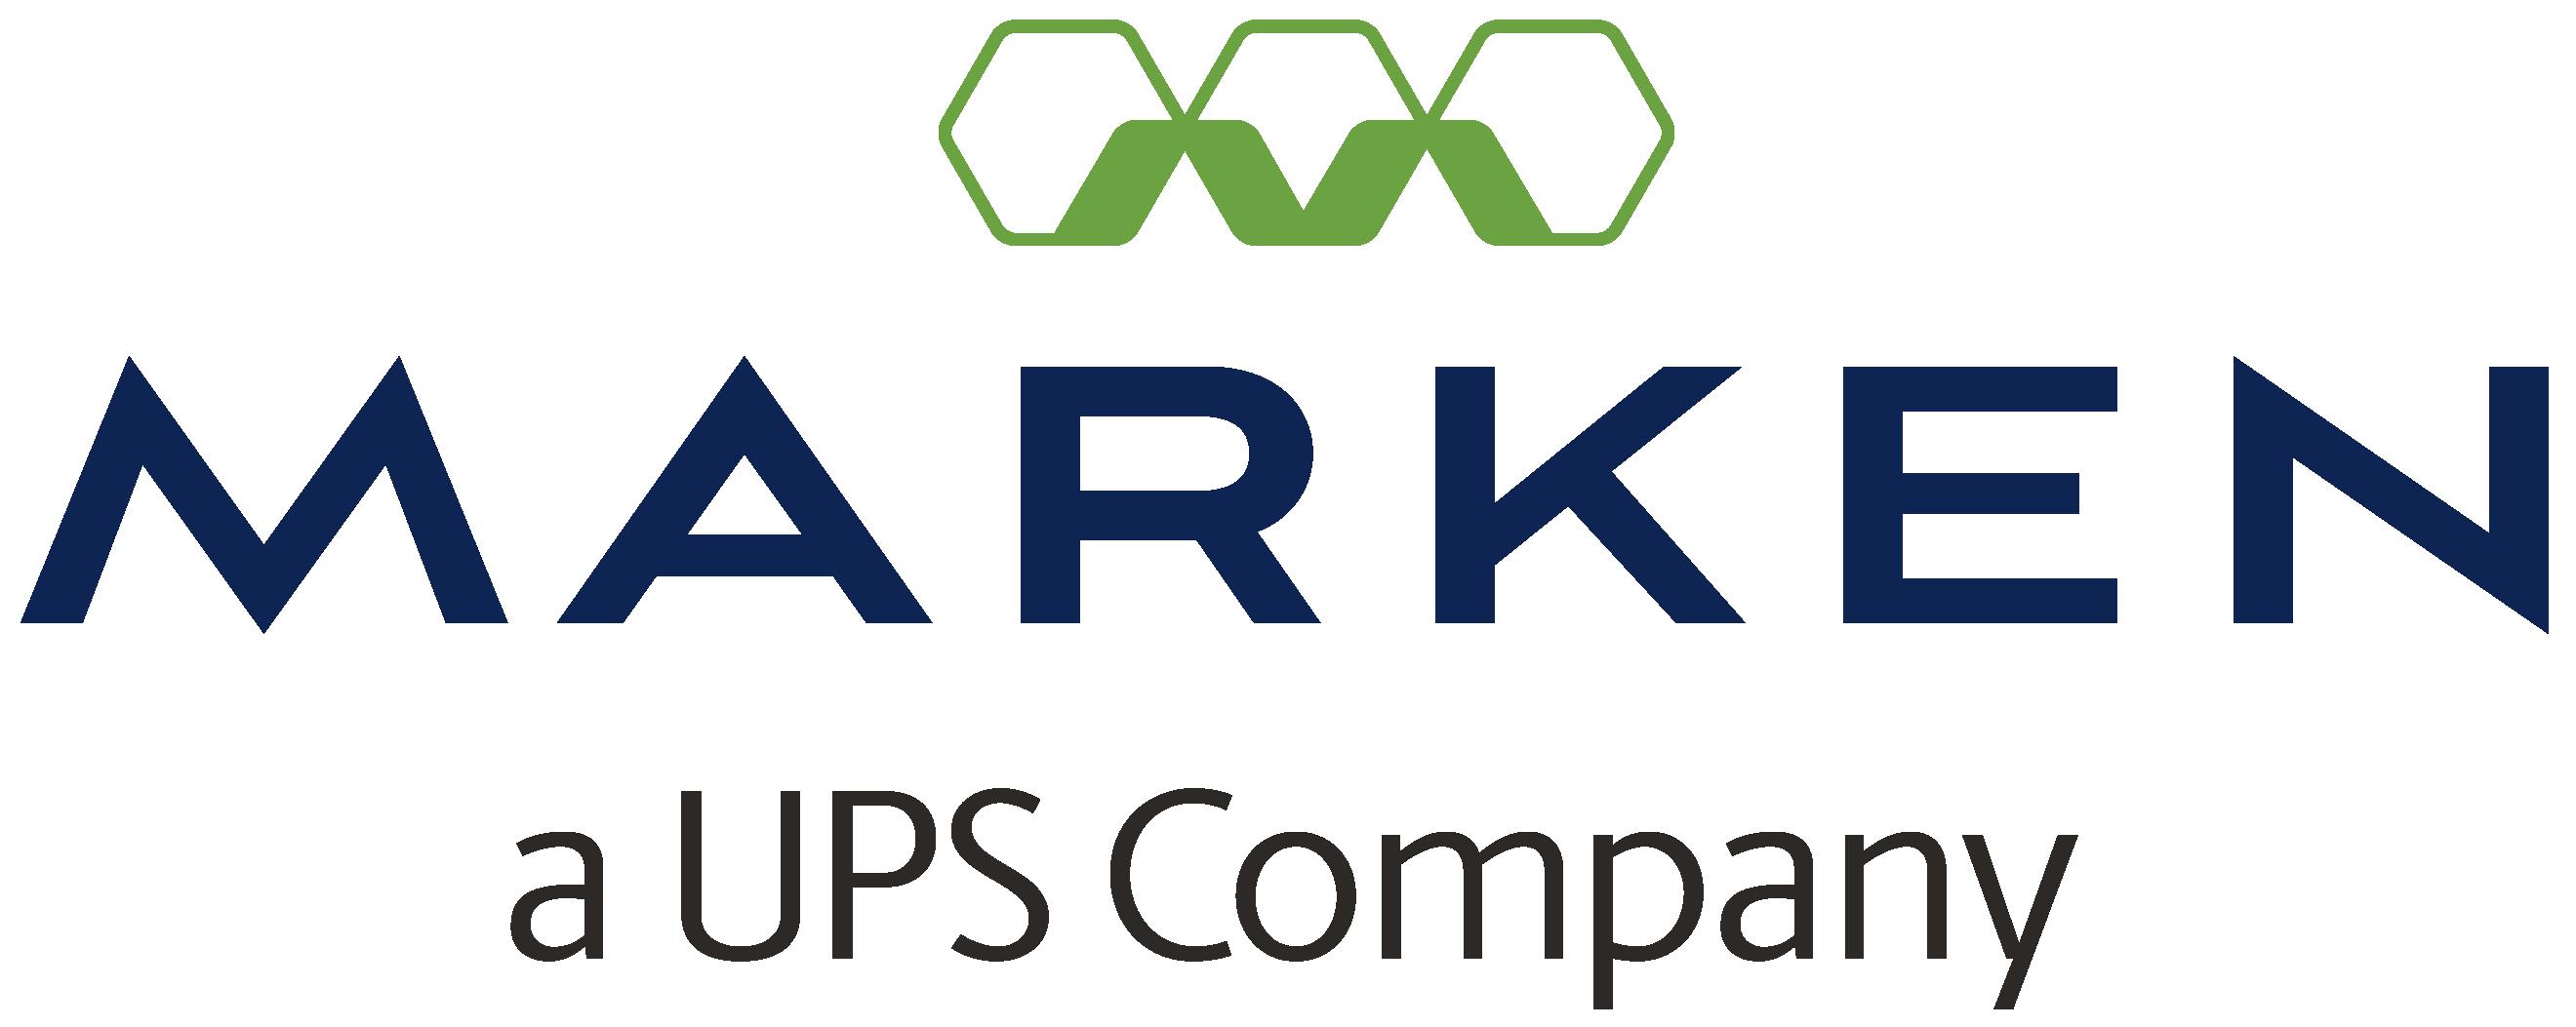 Marken_Update2021_RGB